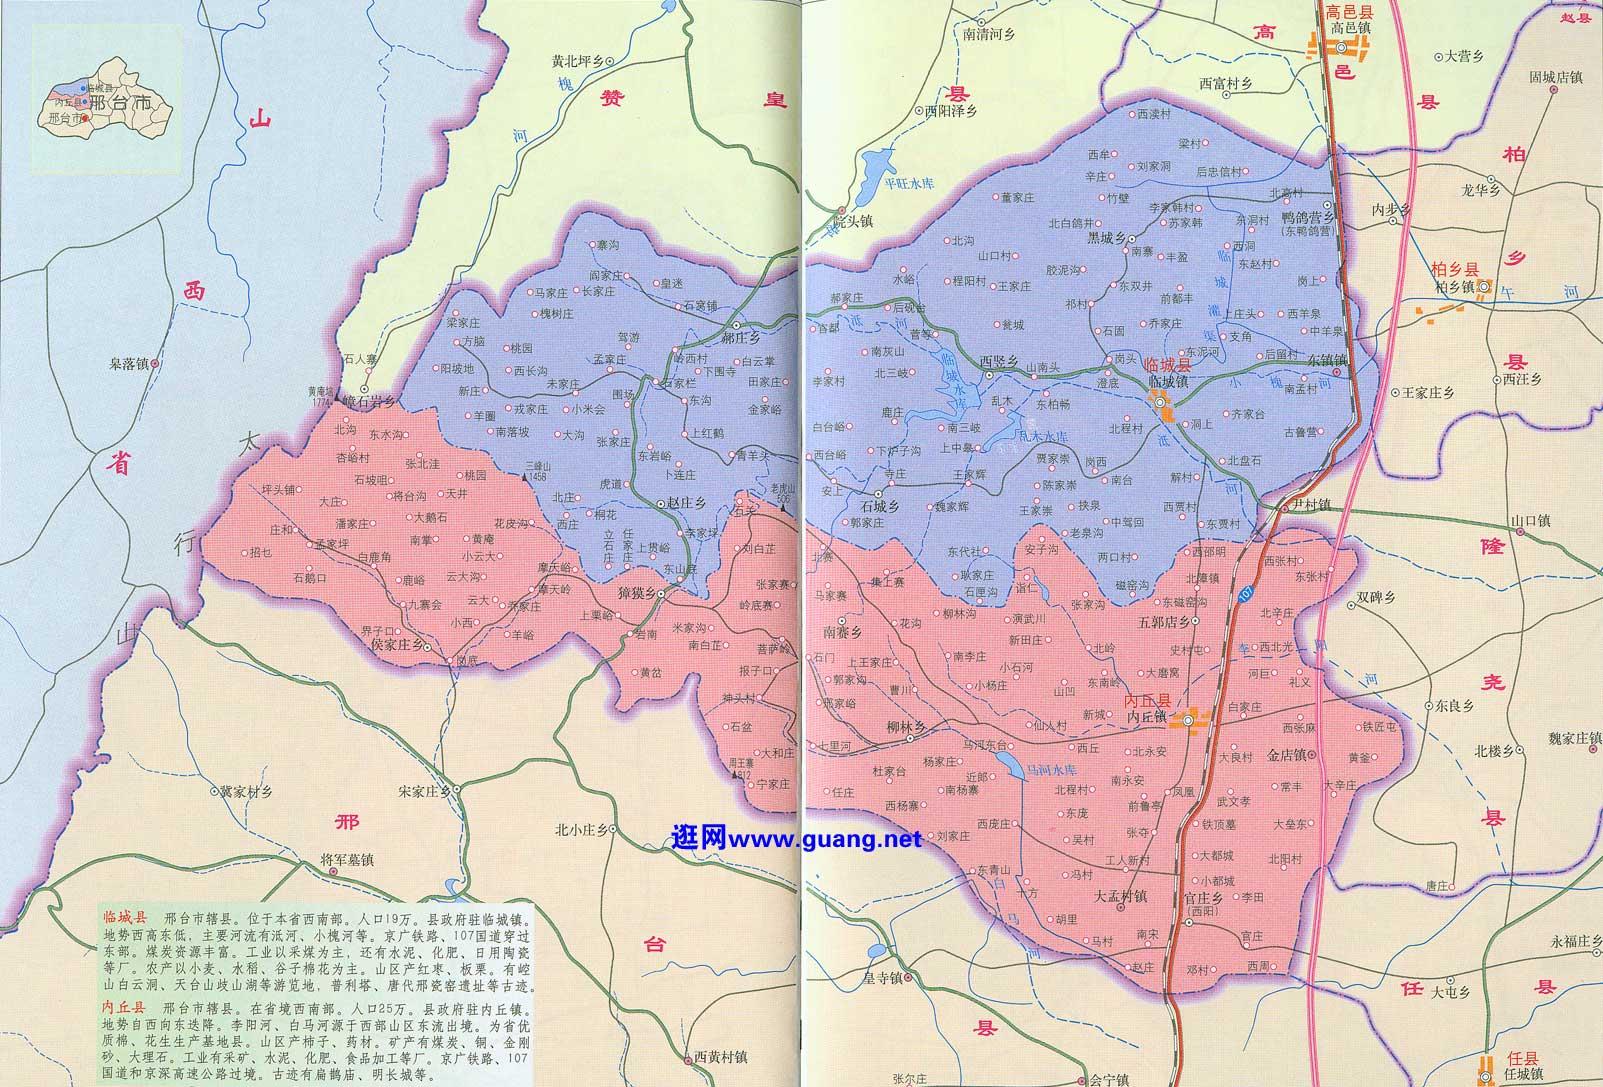 临城街道卫星 地图浏览, 临城卫星 地图-浙江省舟山市定海区 临城街道